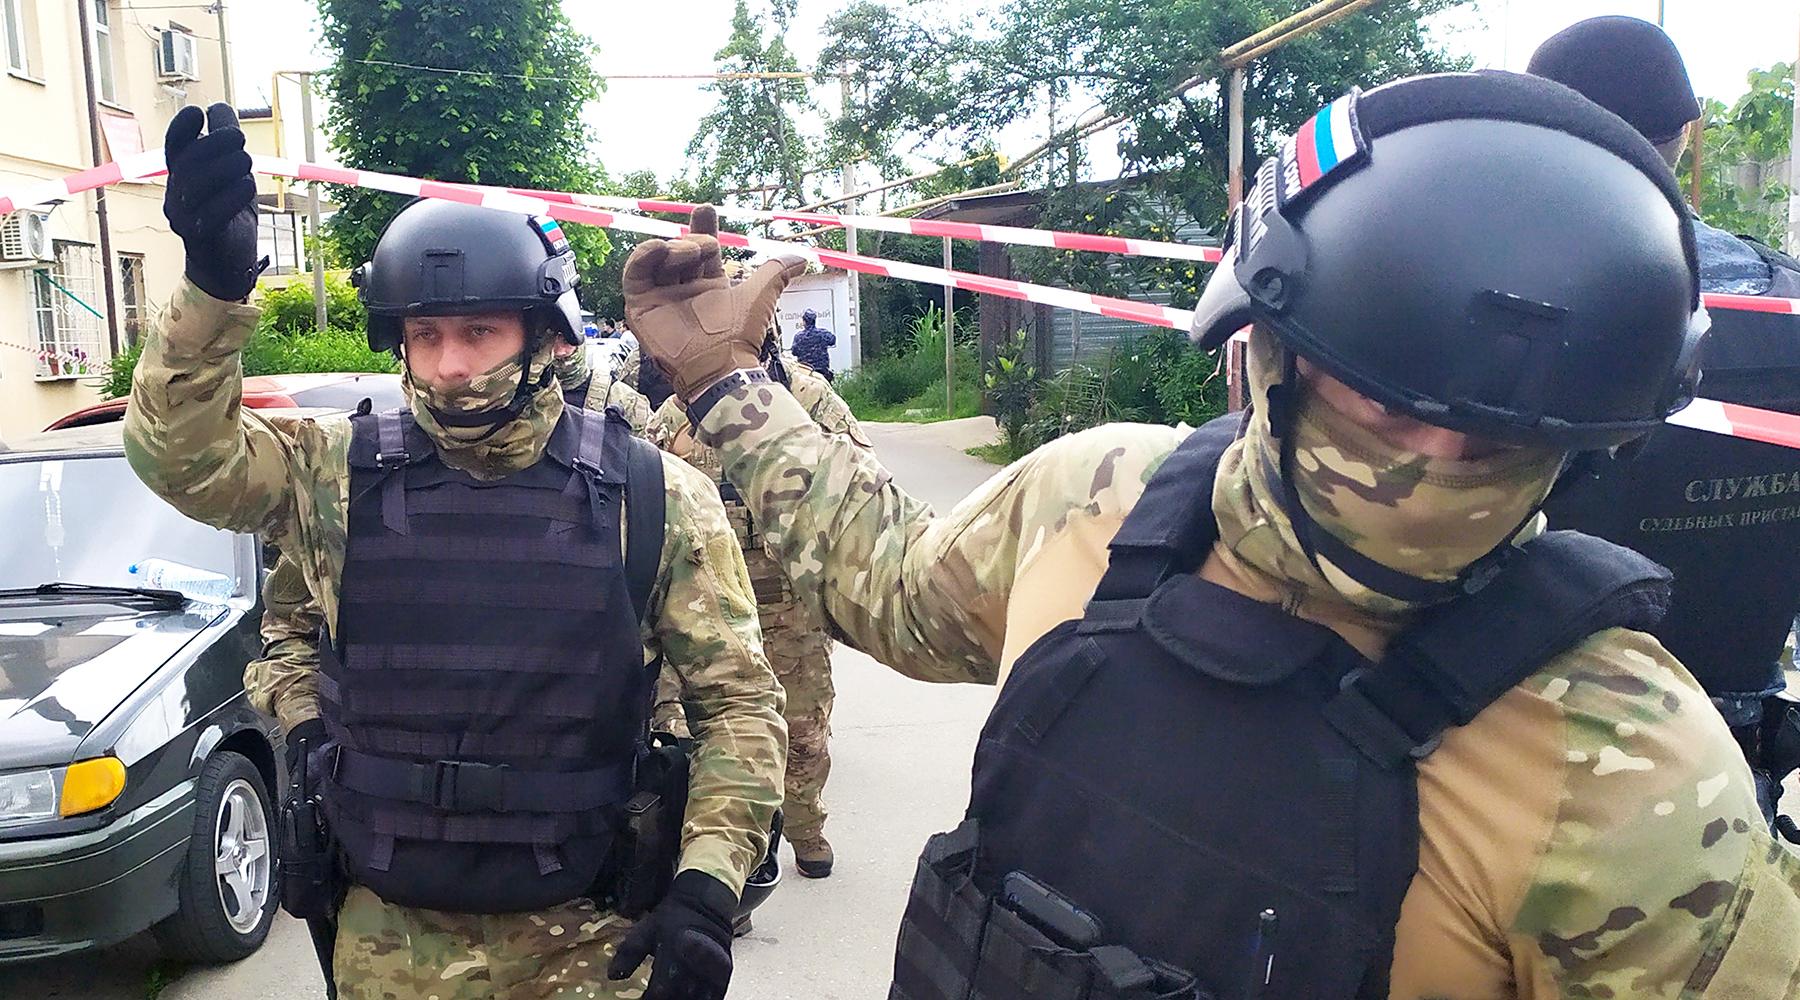 «Не раскаялся»: суд арестовал открывшего огонь по приставам жителя Сочи до 9 августа2